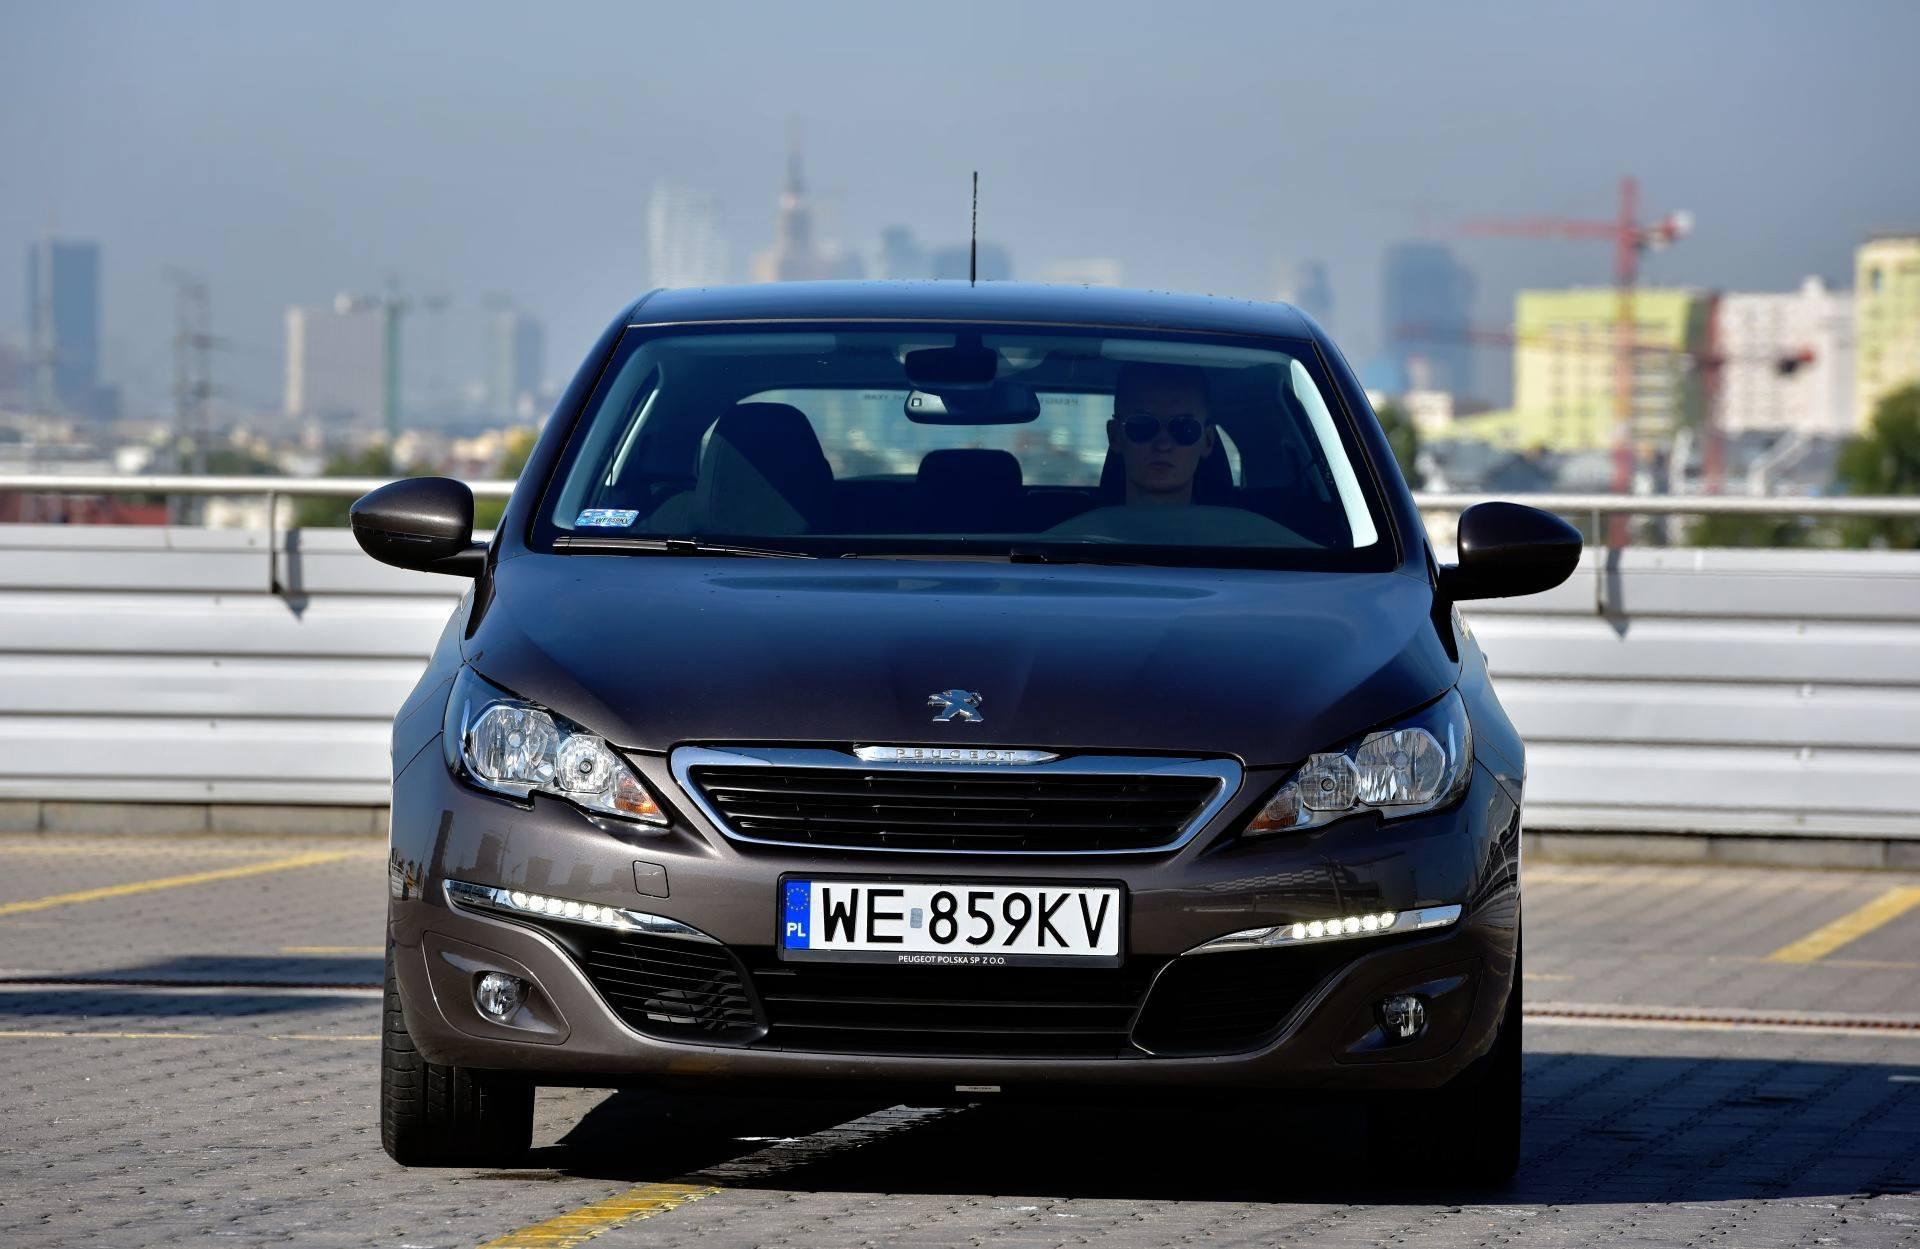 Bardzo dobra Używany Peugeot 308 II (od 2013 r.) - OPINIE VE03